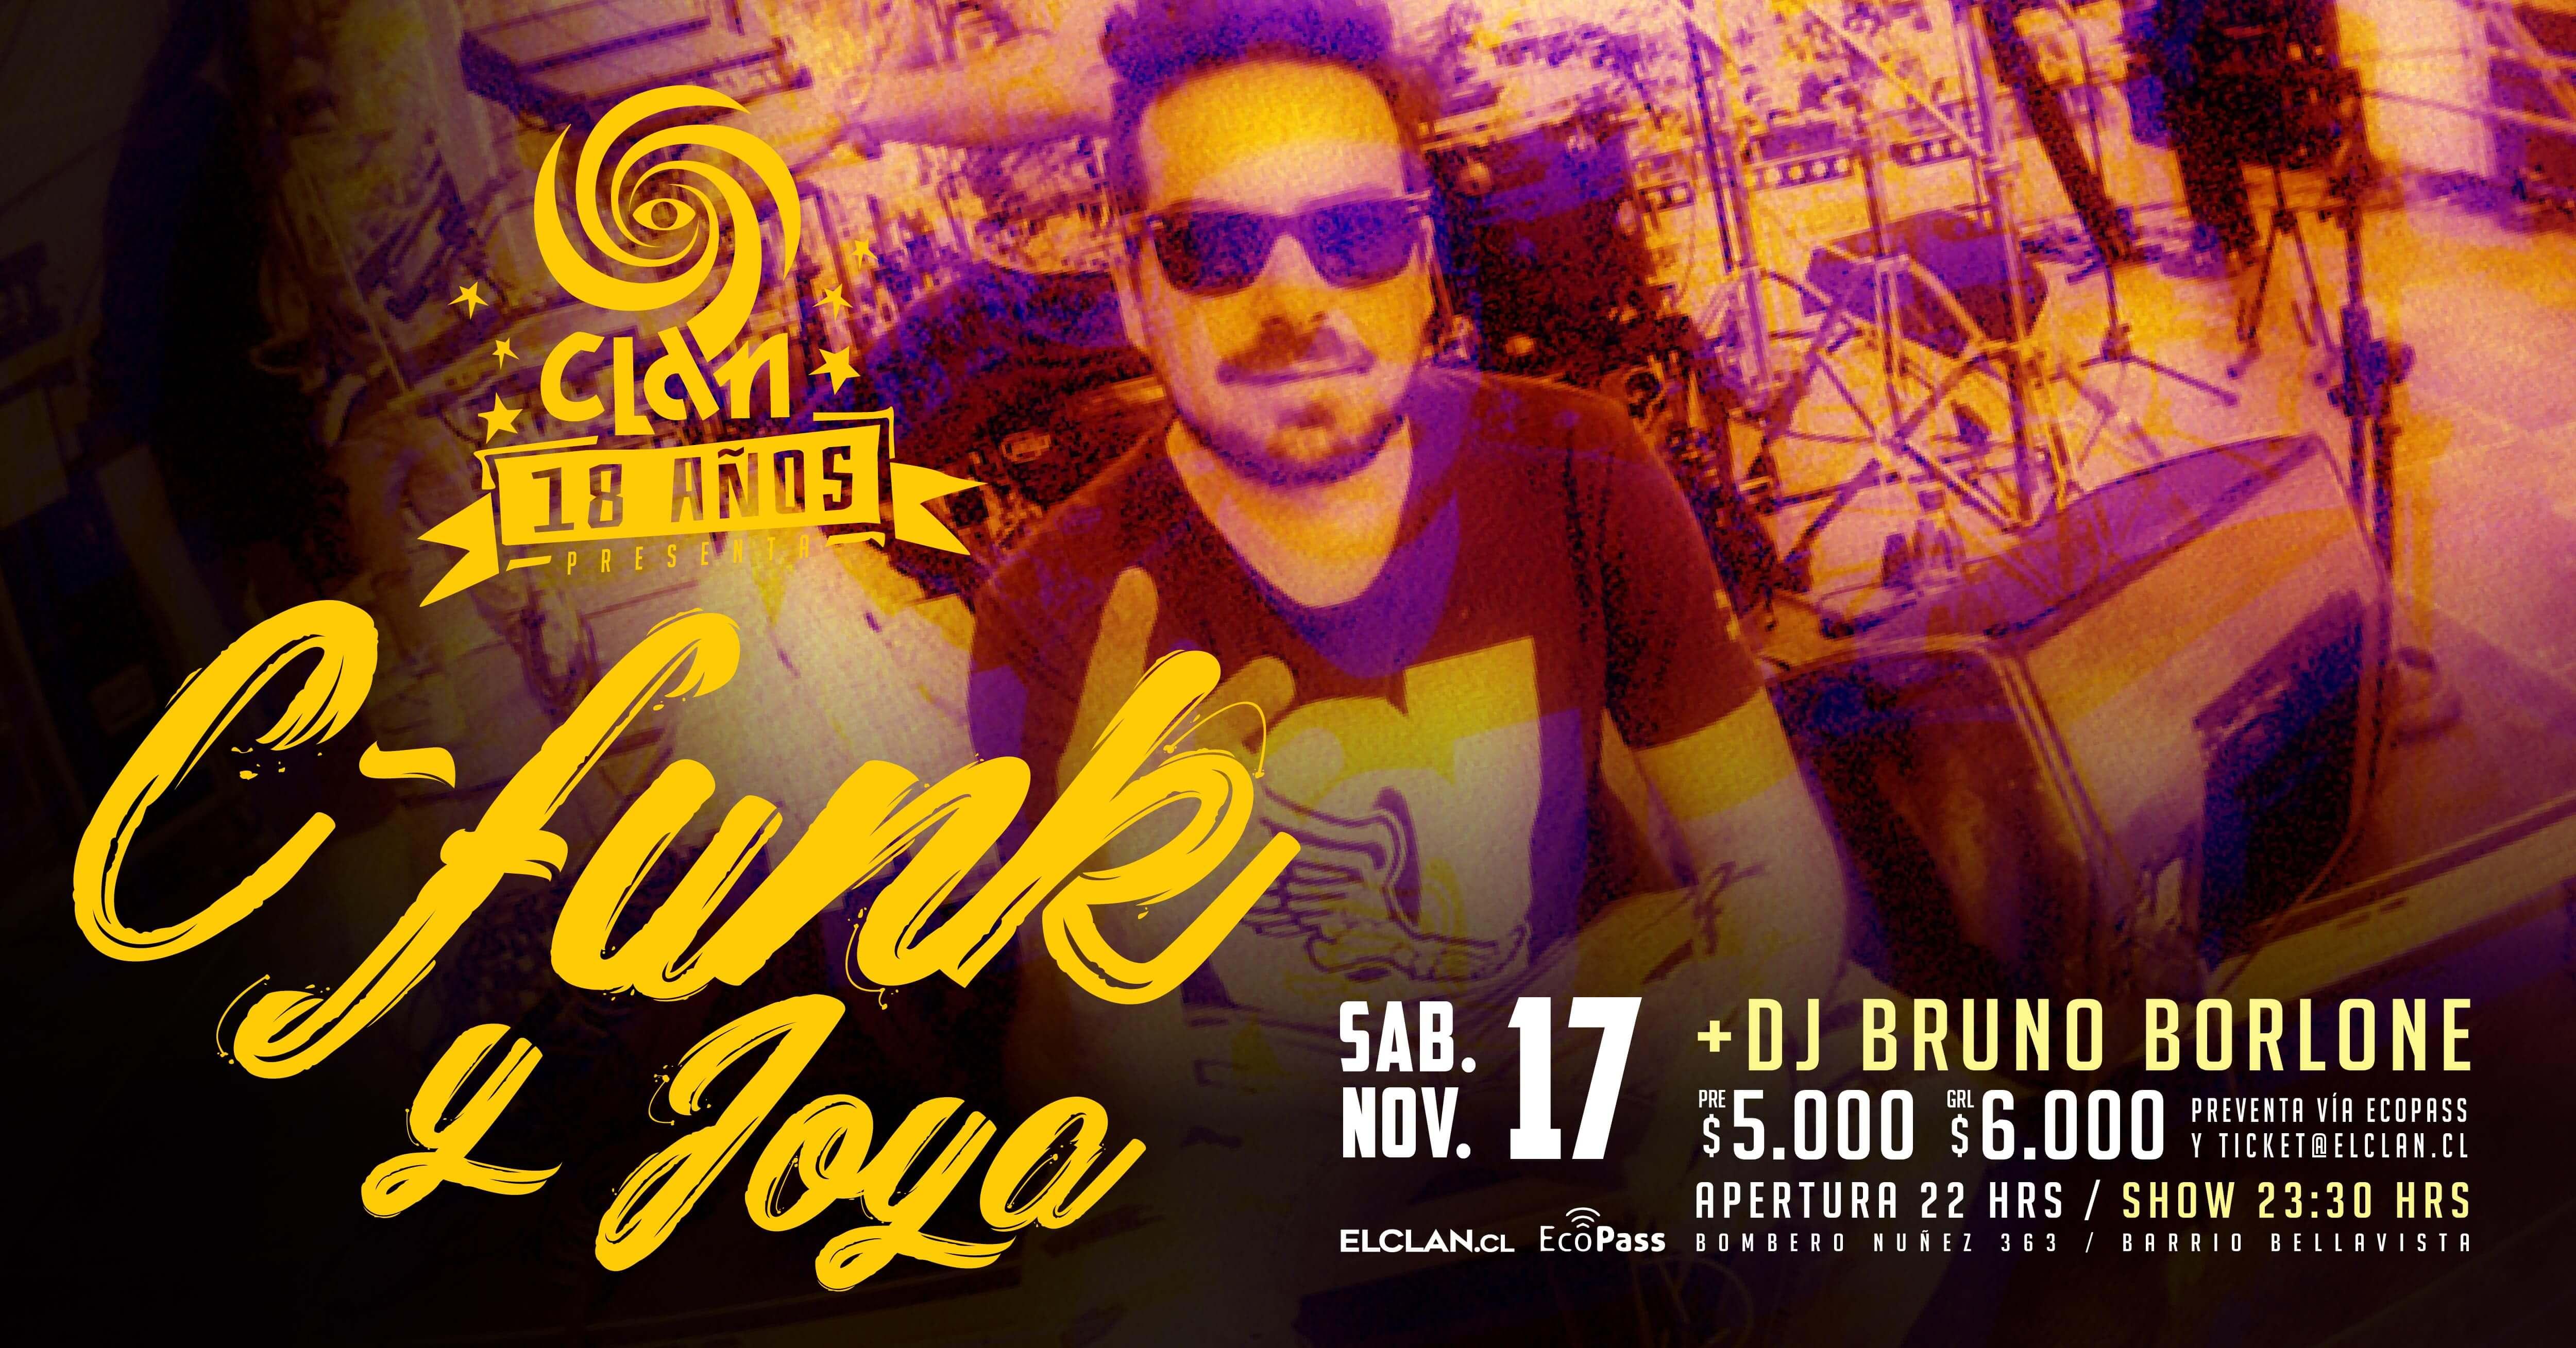 C funk 01  1